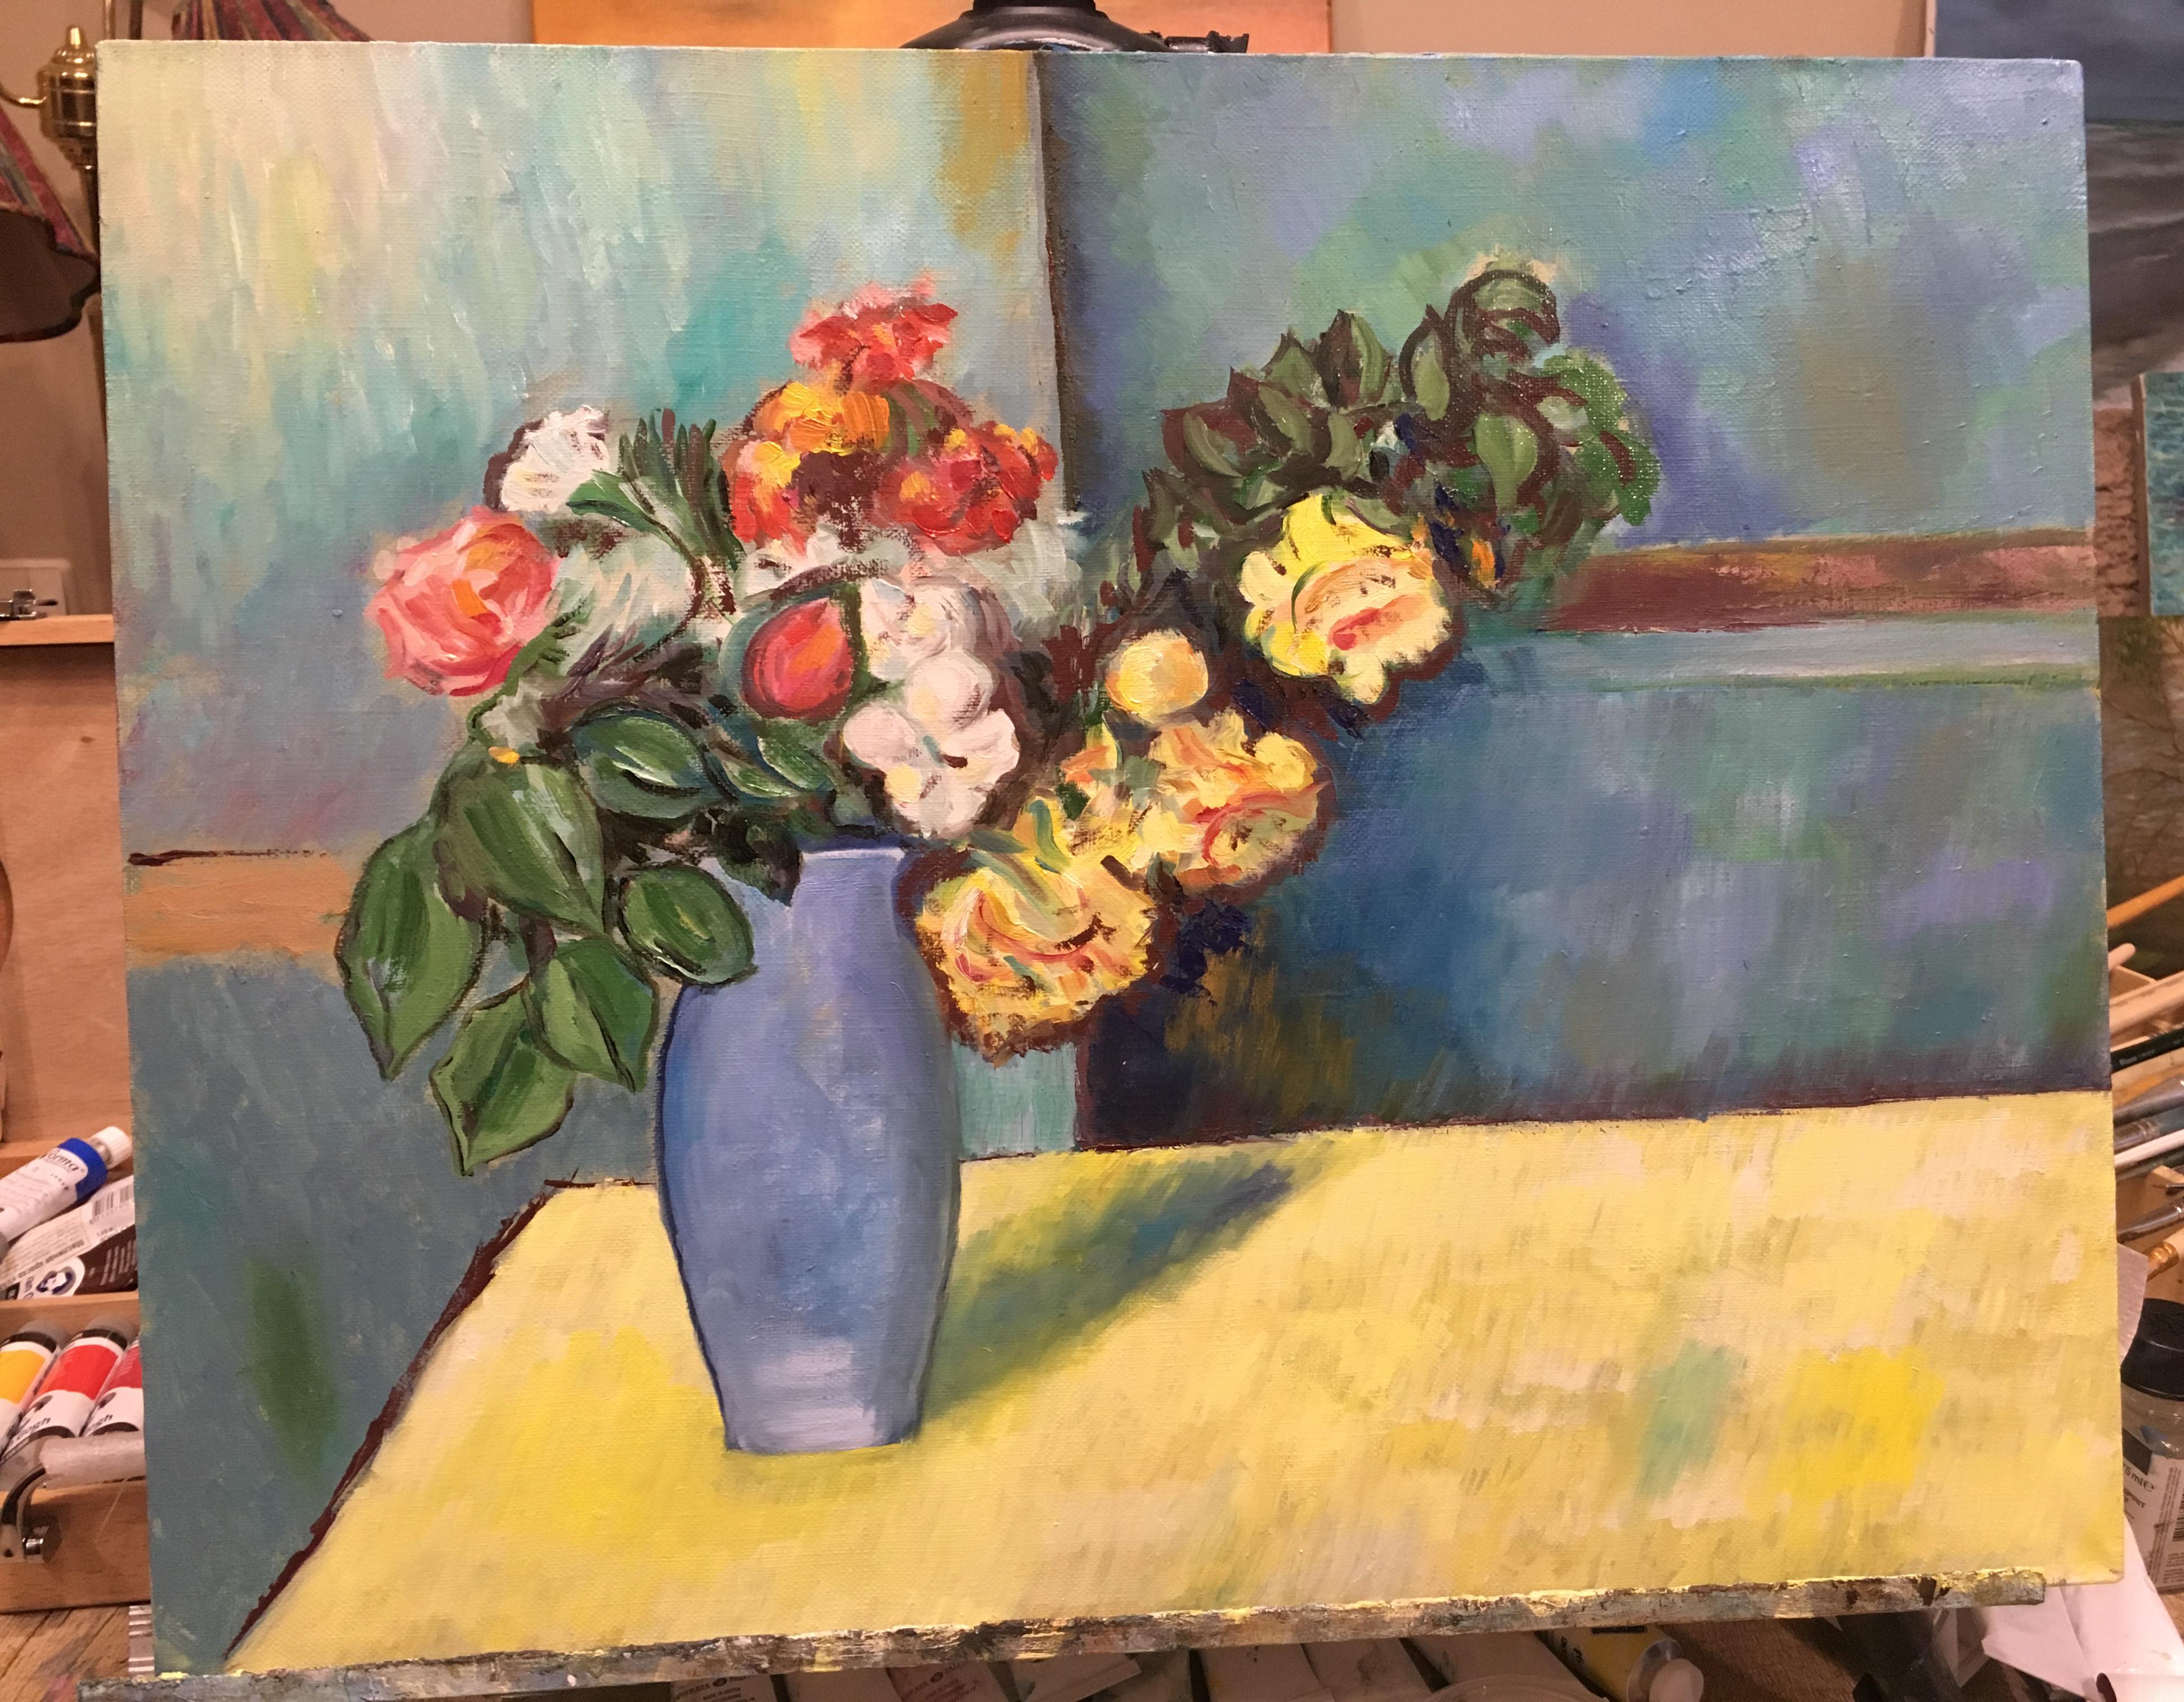 цветы букет натюрморт картина масло Сезанн пейзажи природы художник Альберт Сафиуллин